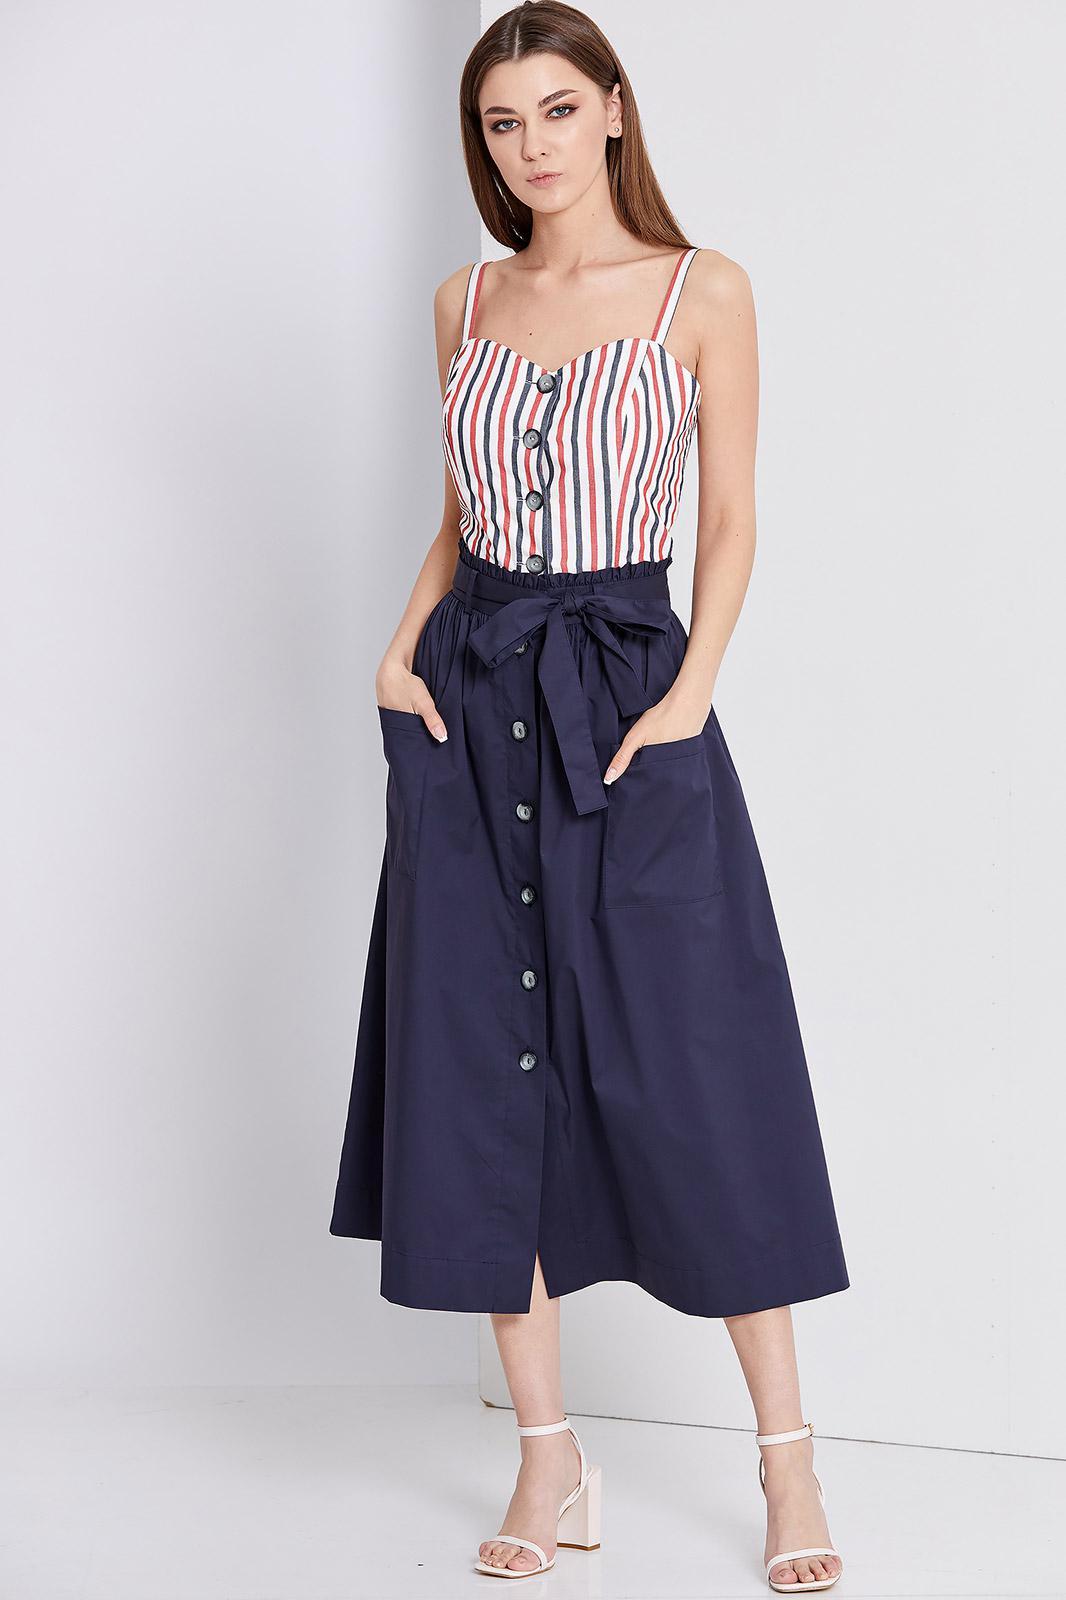 184edd1c48e Купить юбку в интернет-магазине в Минске. Белорусские женские юбки